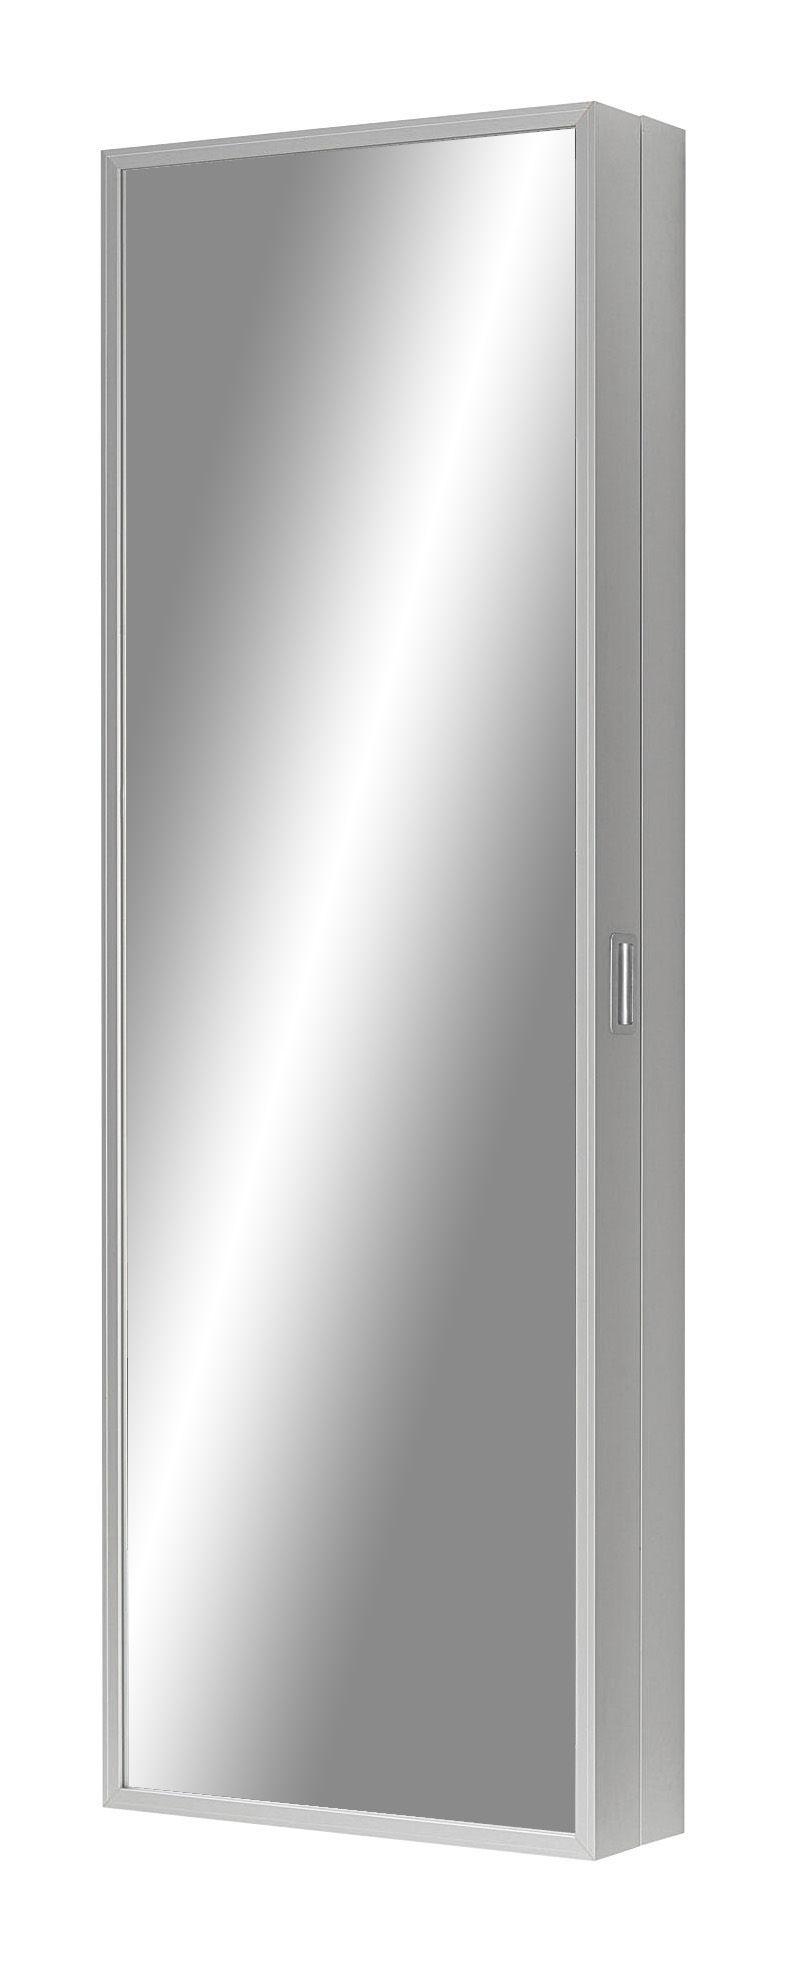 Arredamento - Raccoglitori - Armadio Duty Box di Kristalia - Alluminio - Specchio - Alluminio anodizzato, Specchio